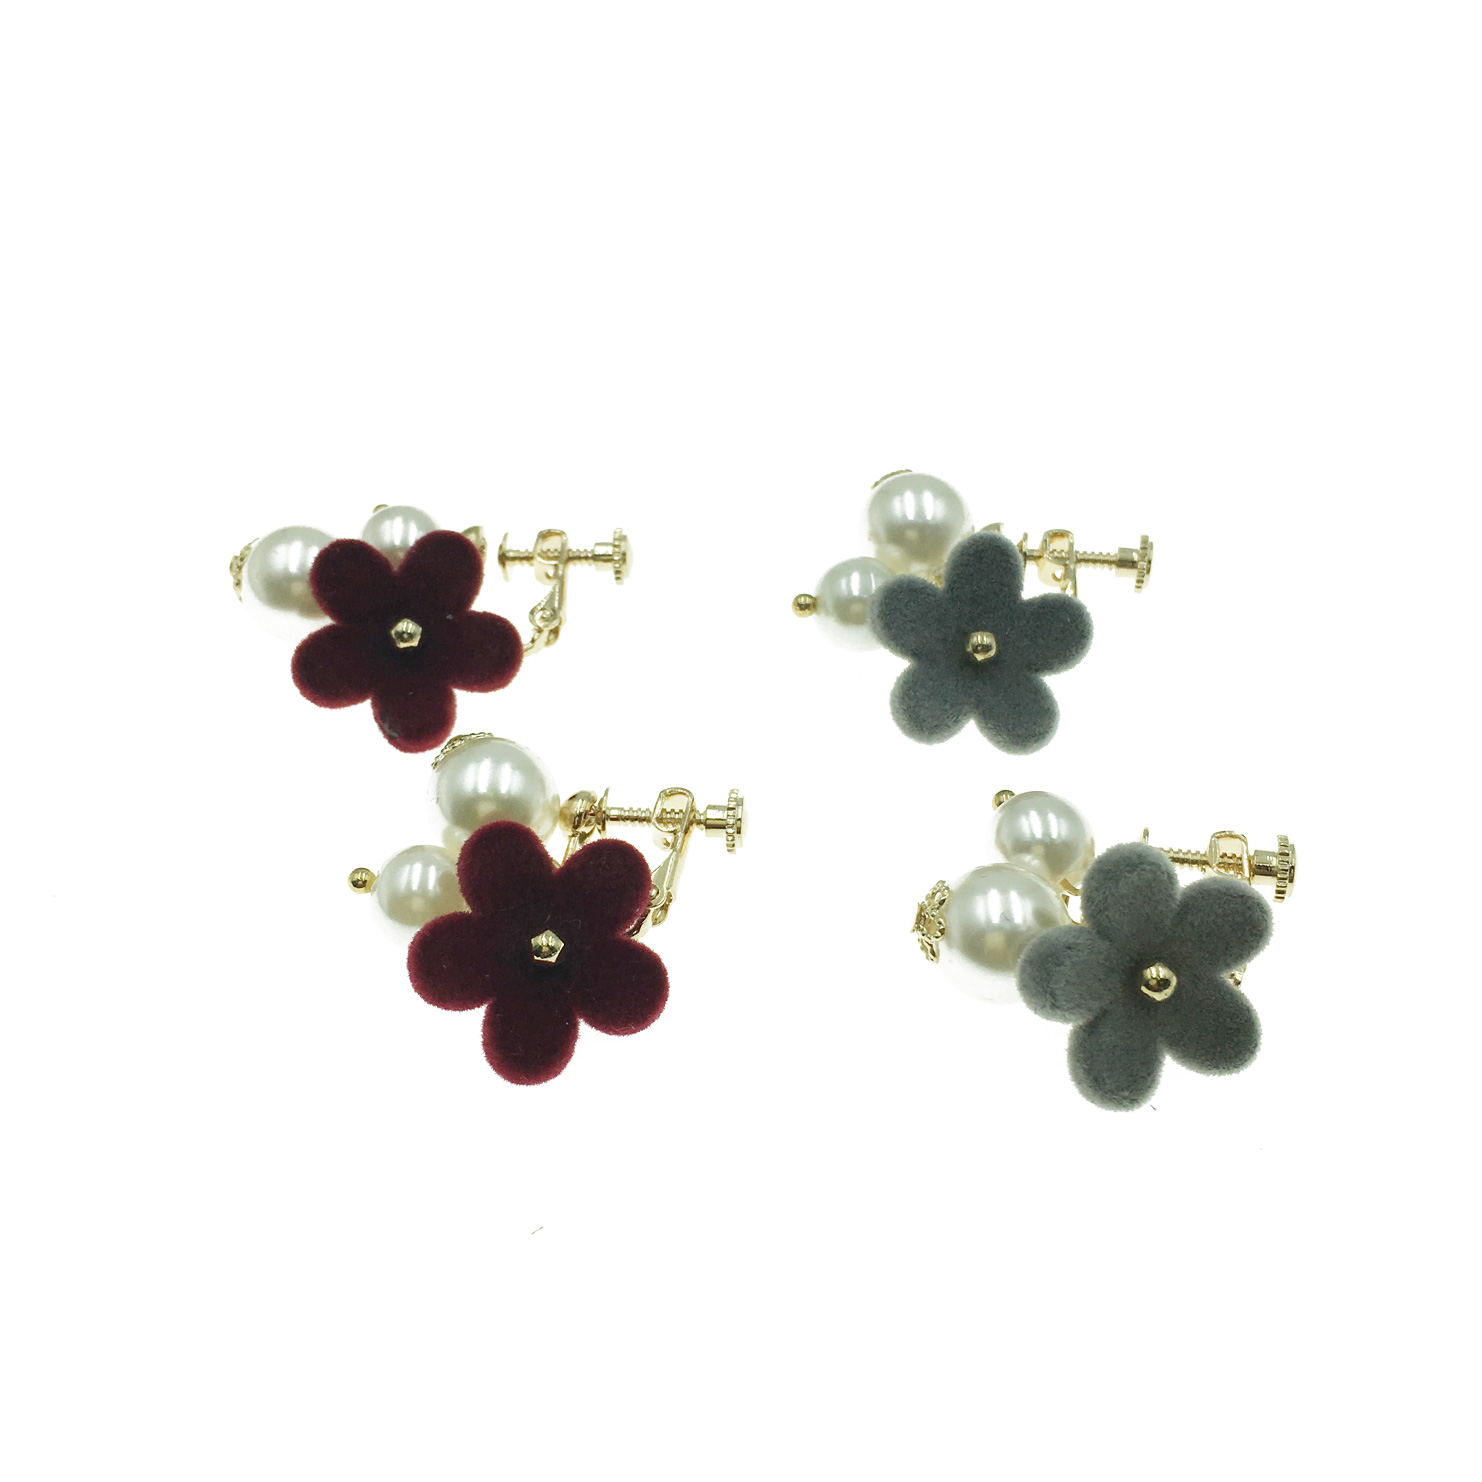 韓國 花朵 珍珠 紅色 灰色 珍珠 氣質 夾式耳環